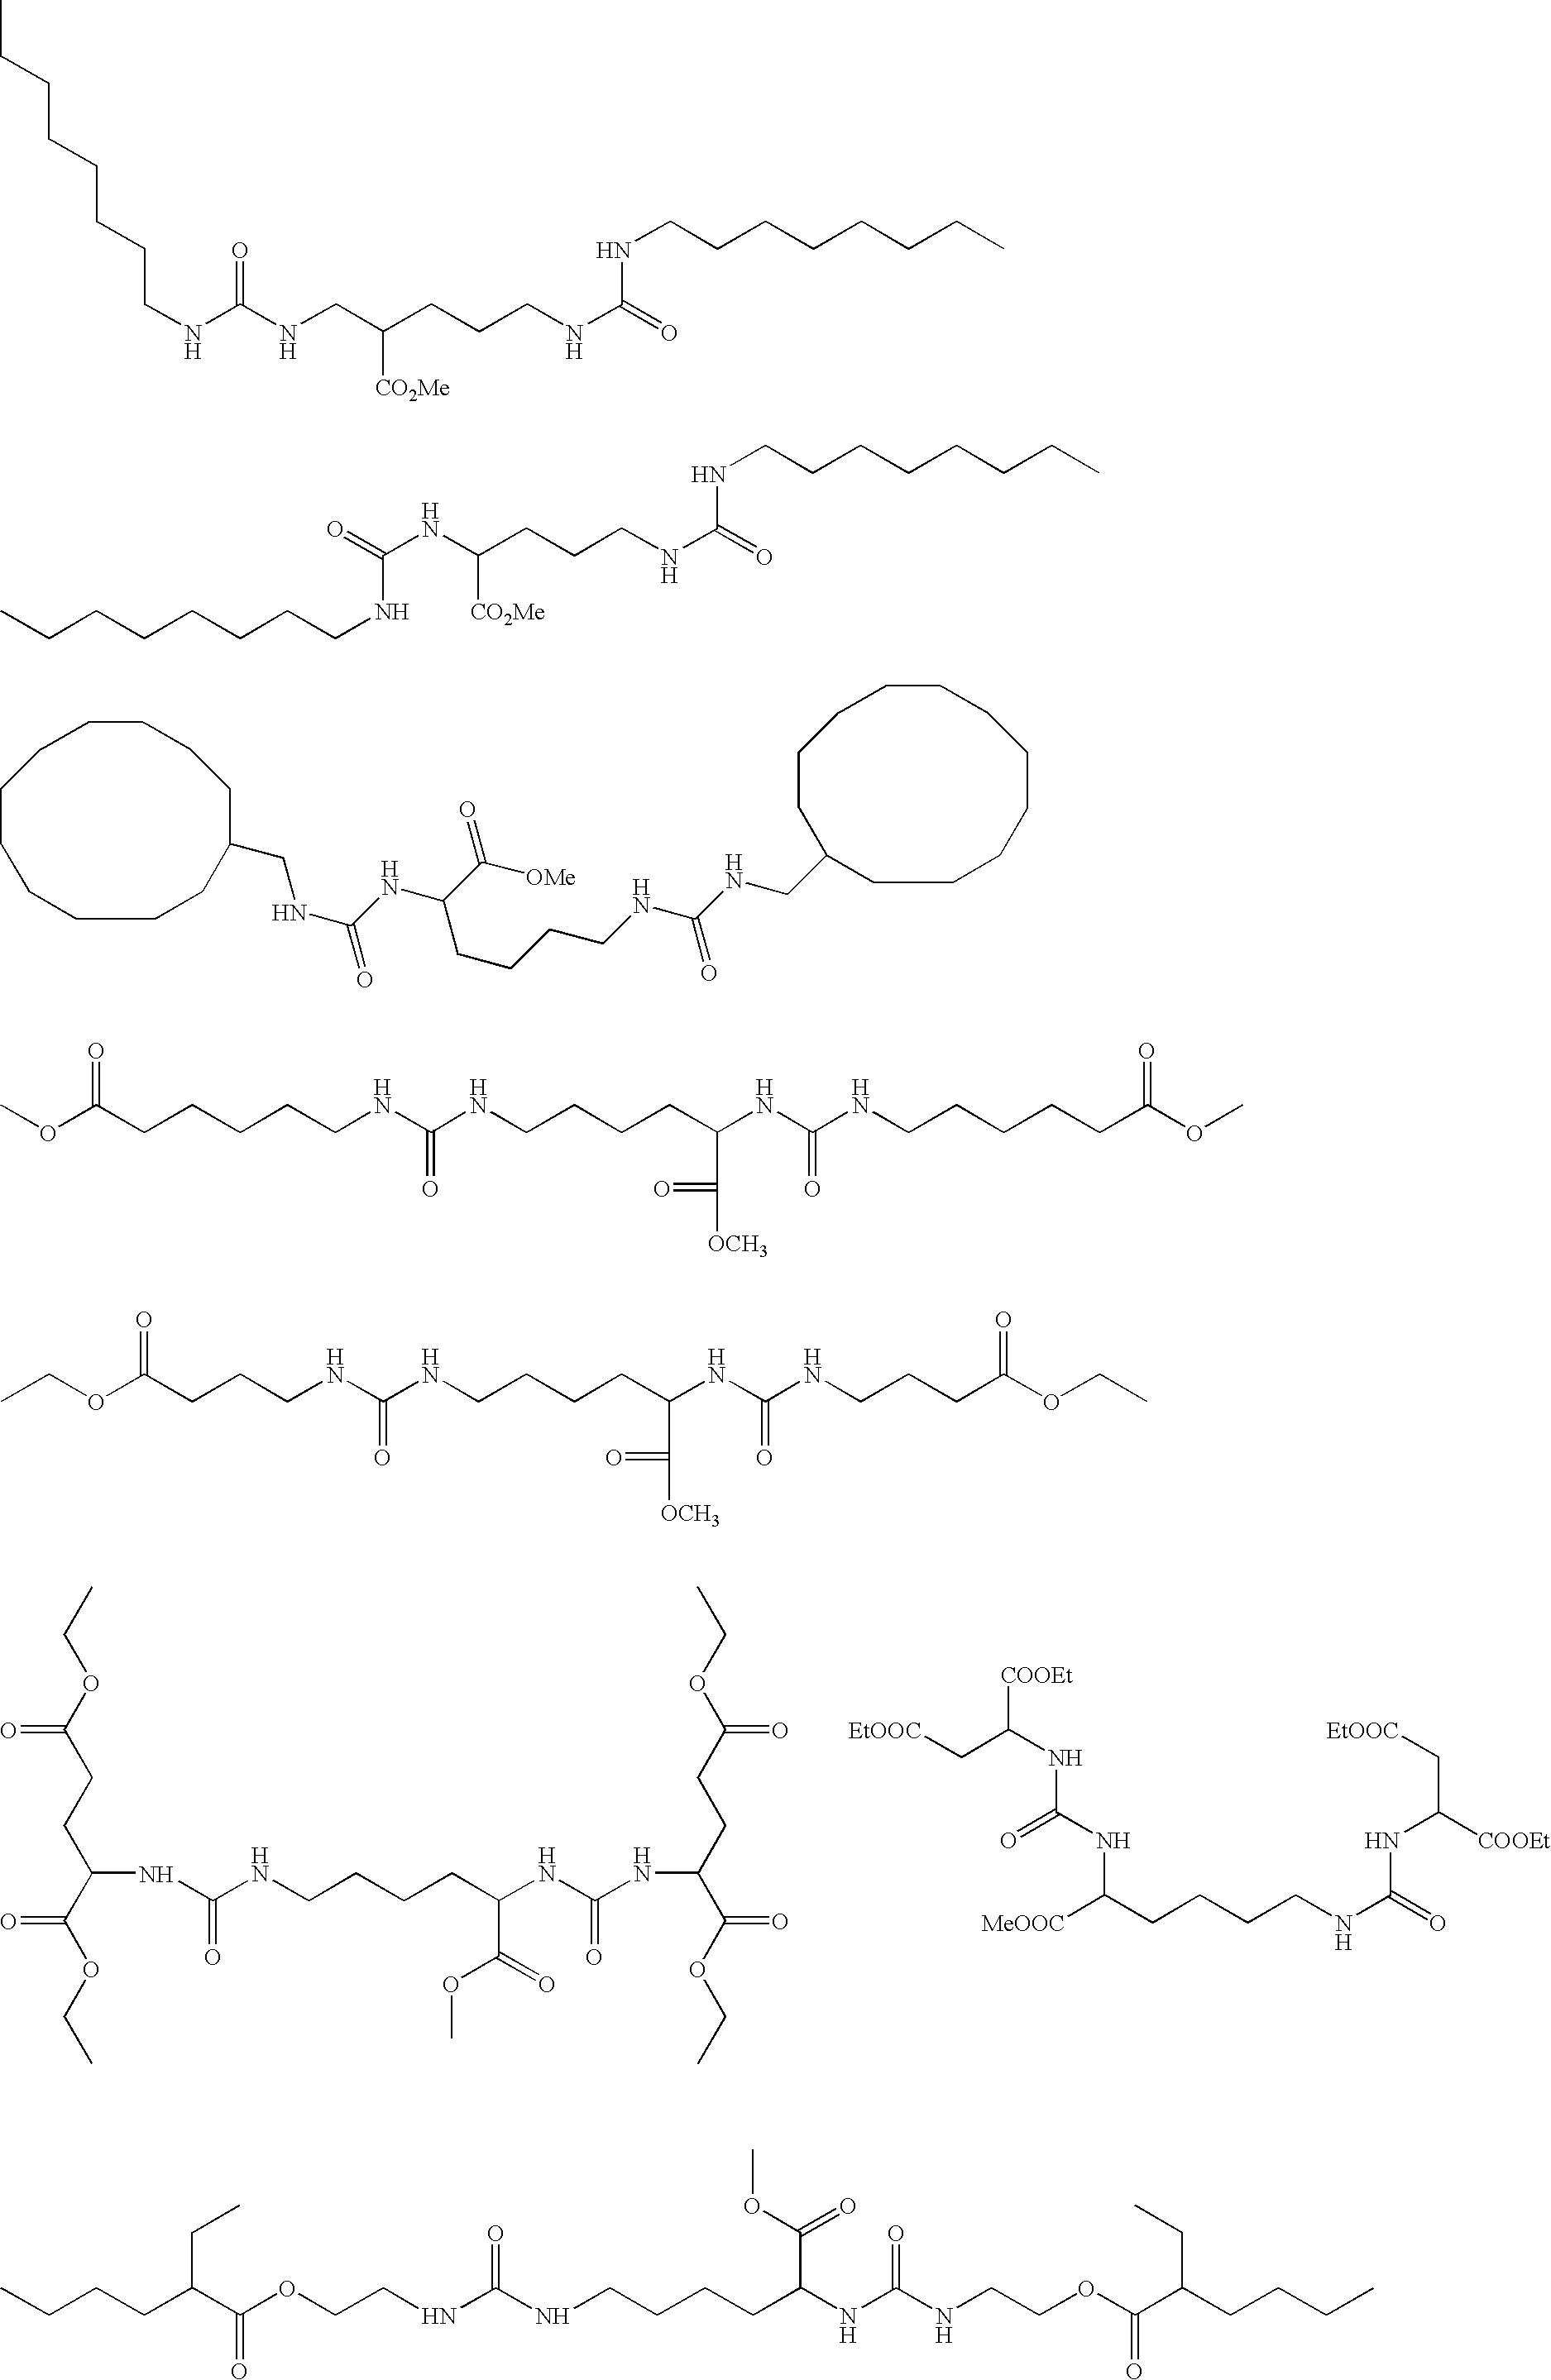 Figure US20060155146A1-20060713-C00041